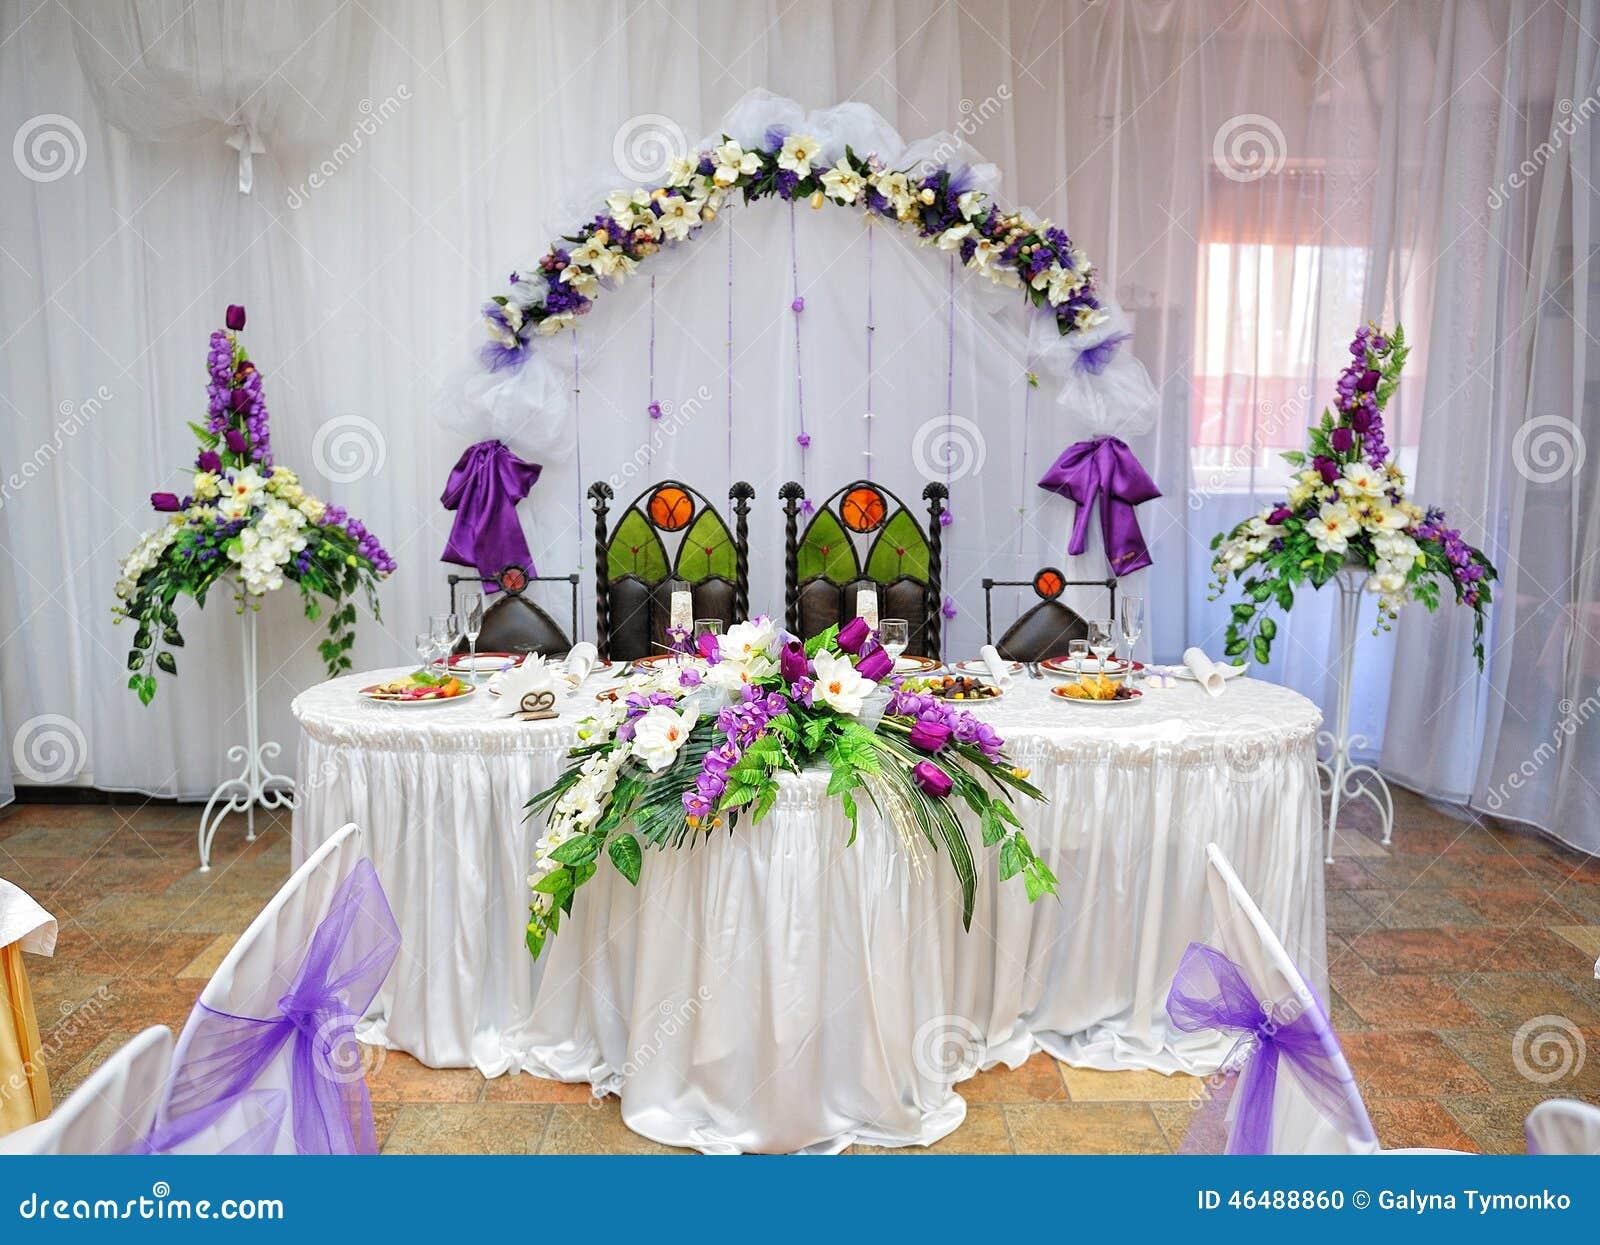 Jeunes mari s de d coration de table de mariage photo stock image 46488860 - Table des maries ...